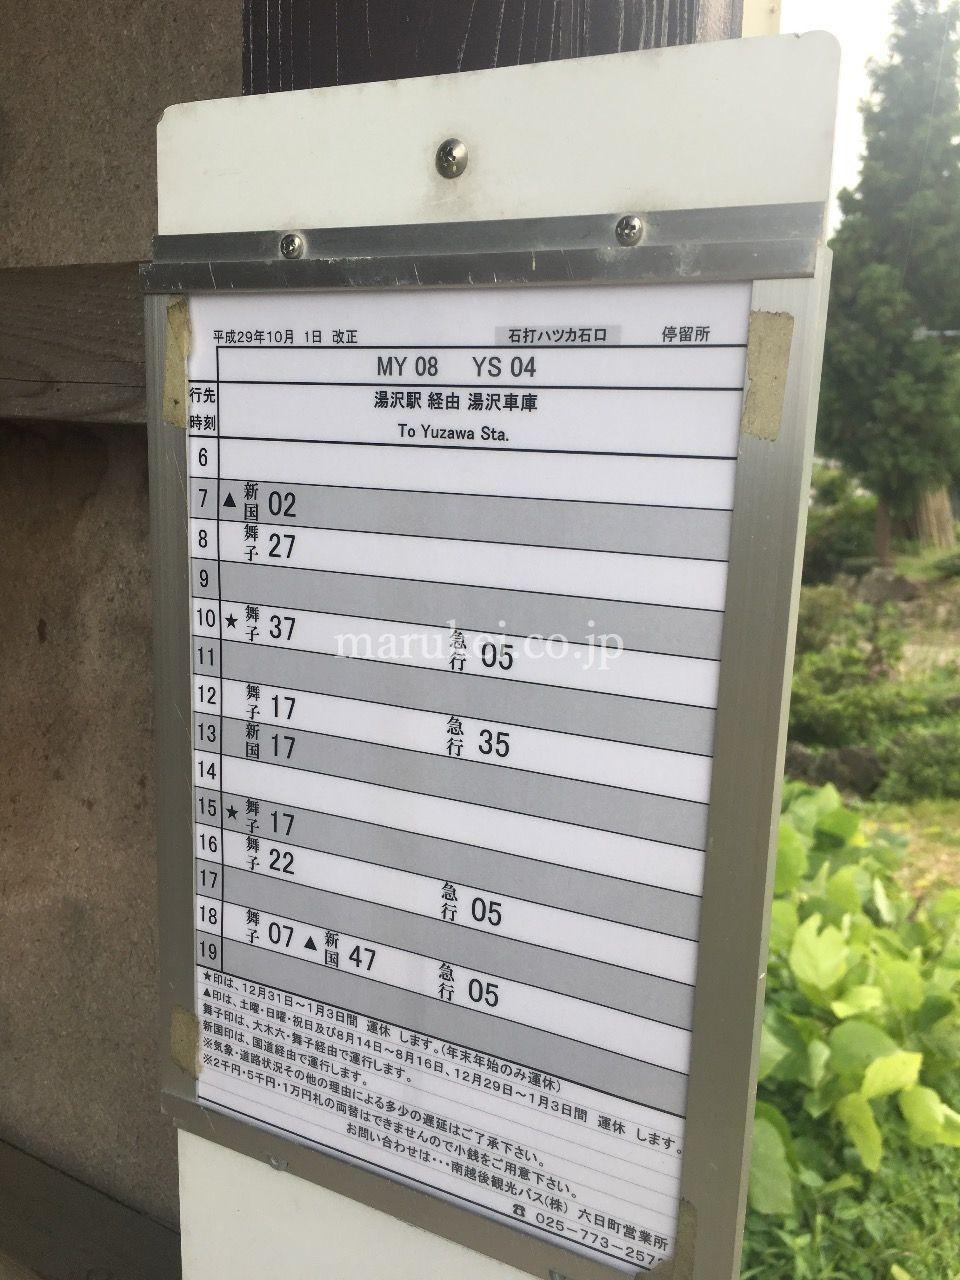 ハツカ石バス亭時刻表(上り)